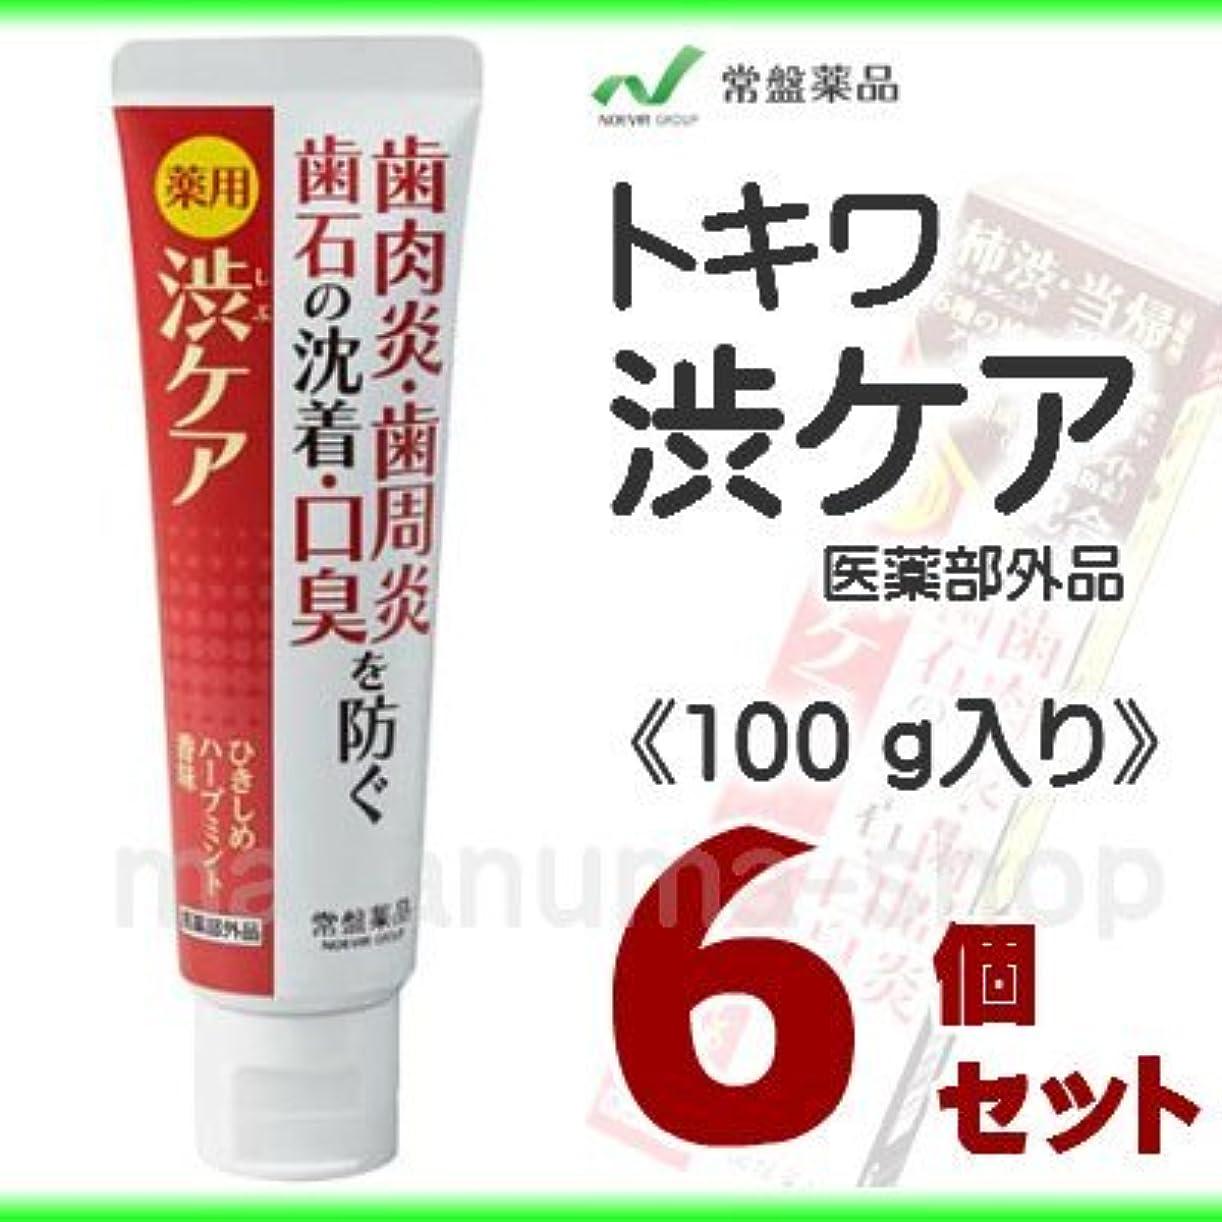 統合レーザロンドントキワ 薬用渋ケア (100g) 6個セット